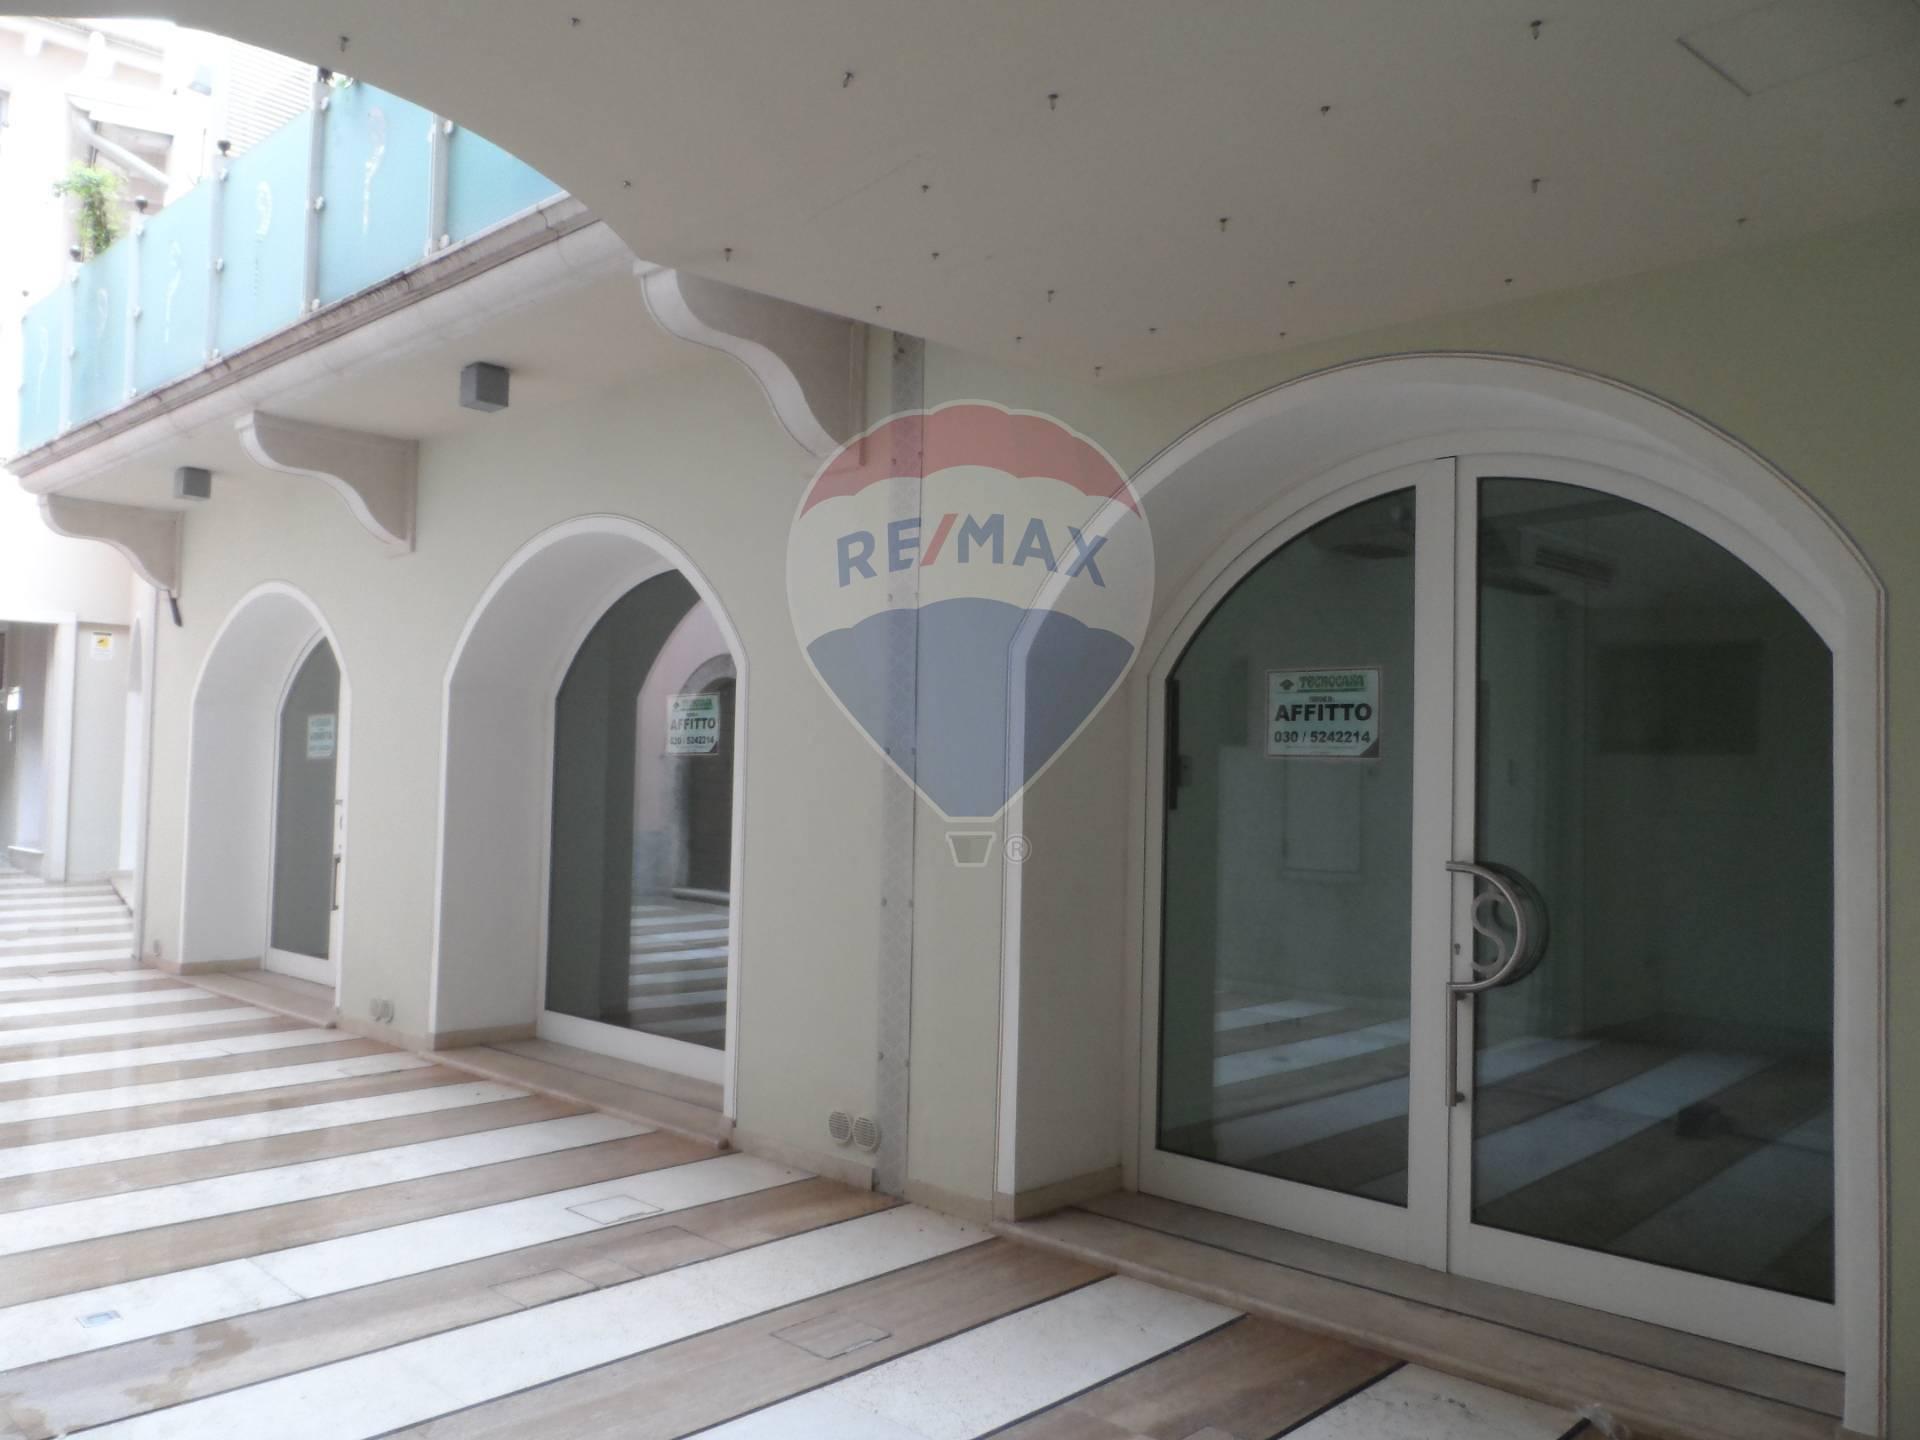 Ufficio / Studio in vendita a Salò, 9999 locali, prezzo € 235.000 | PortaleAgenzieImmobiliari.it